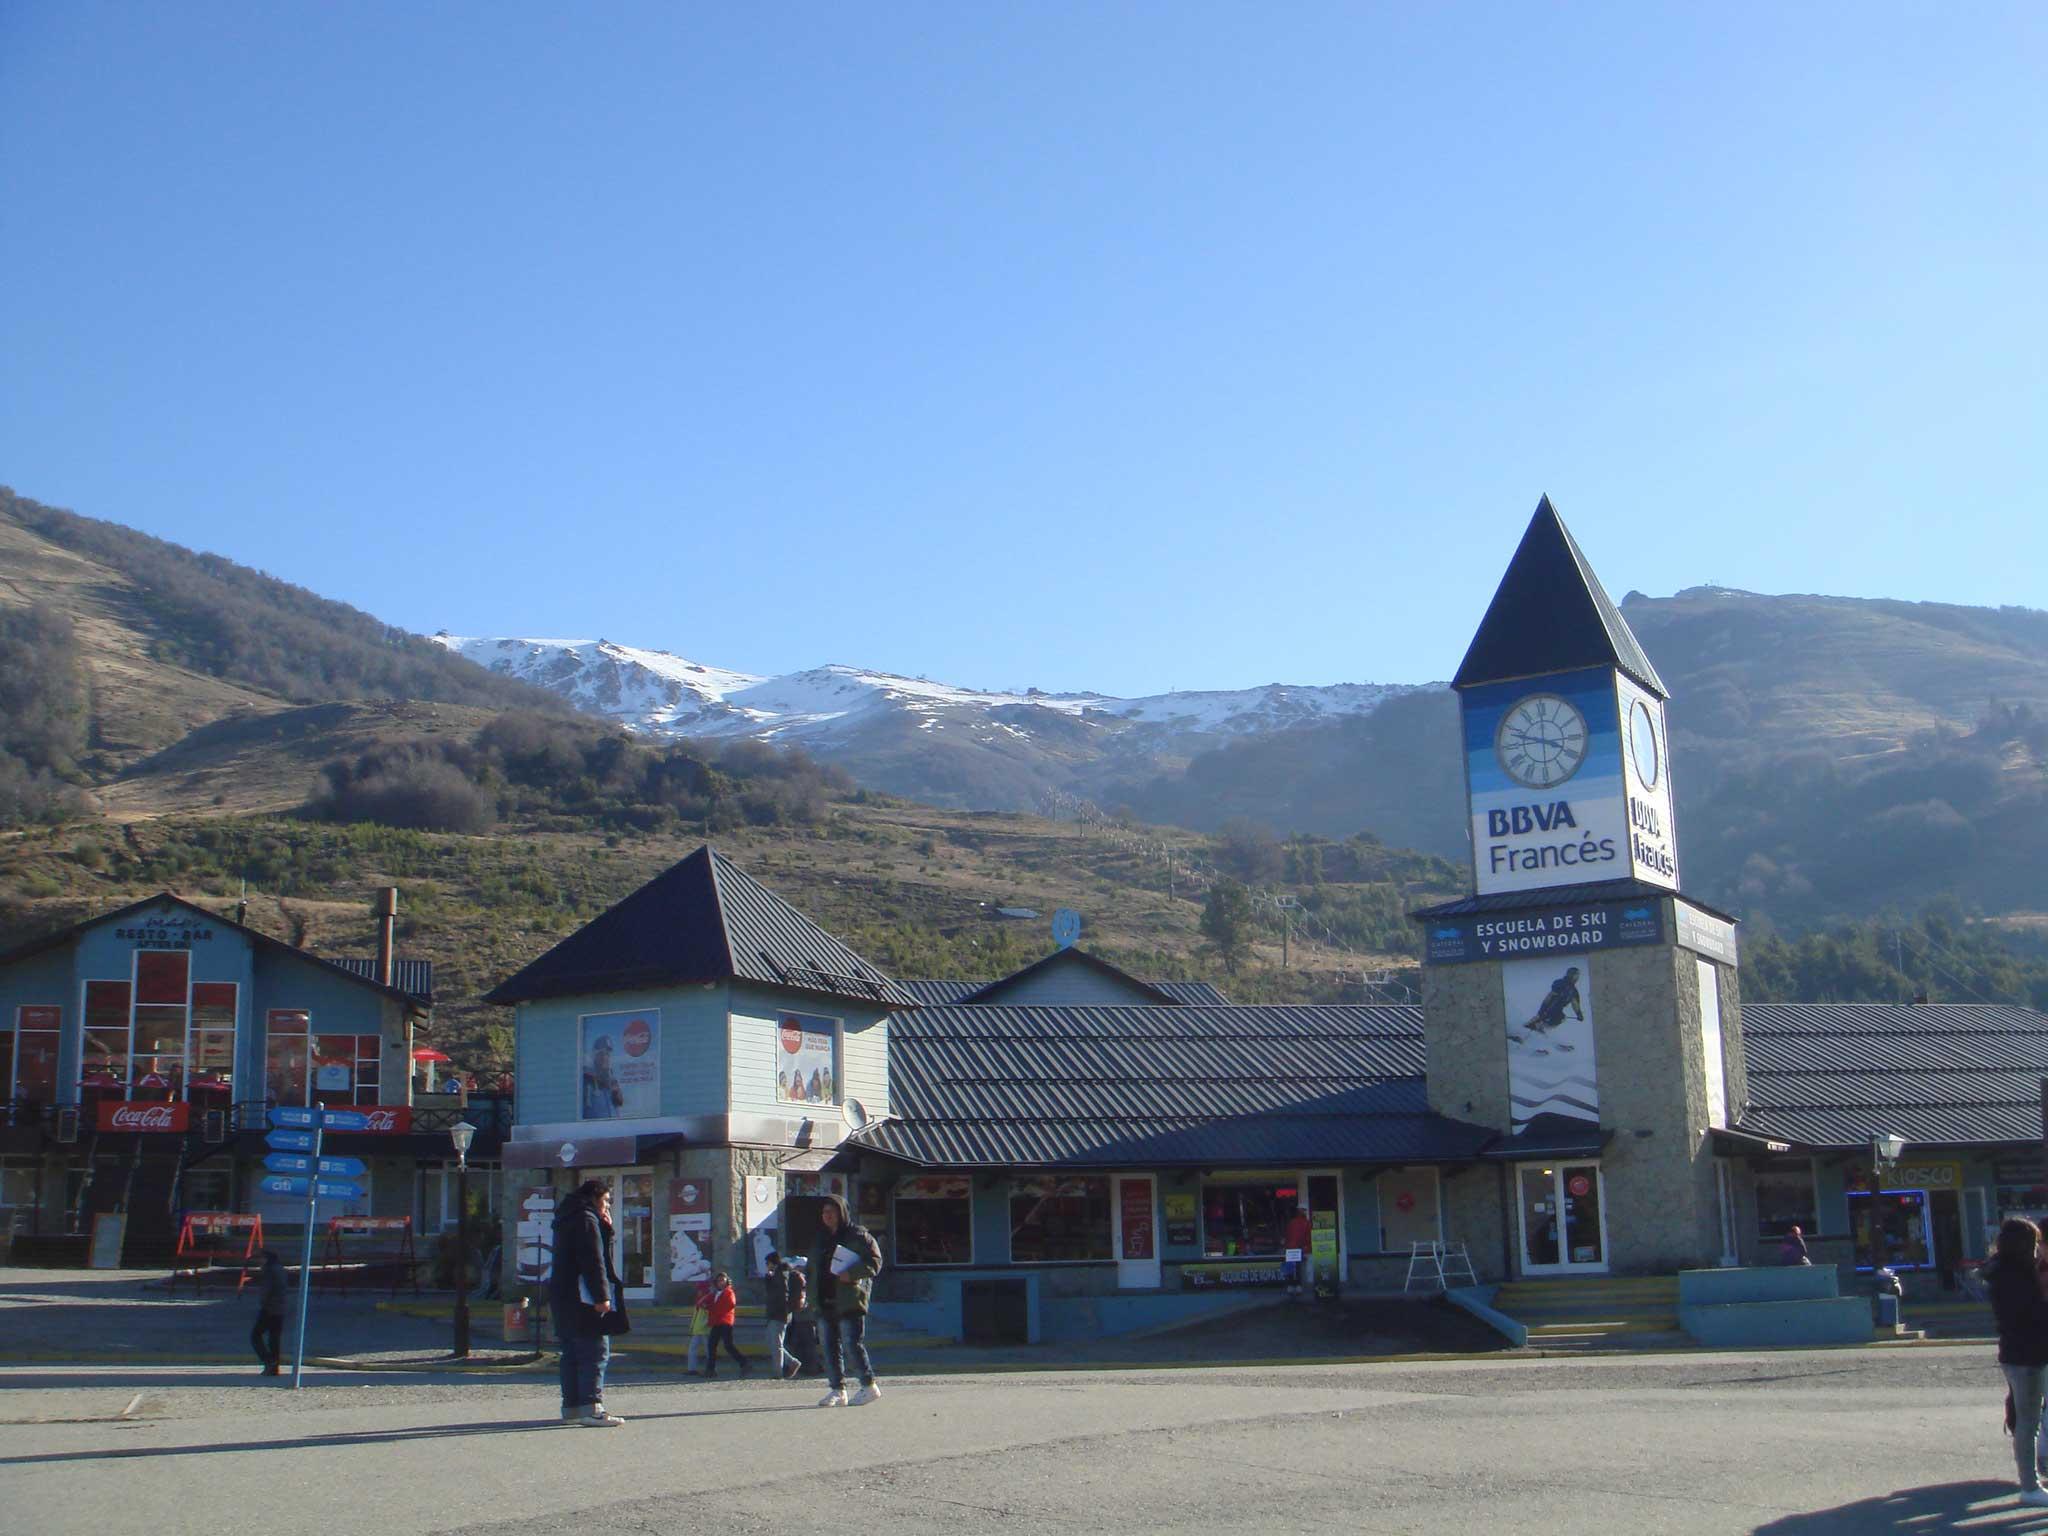 Entrada do Cerro Catedral, estação de sli e snowboard